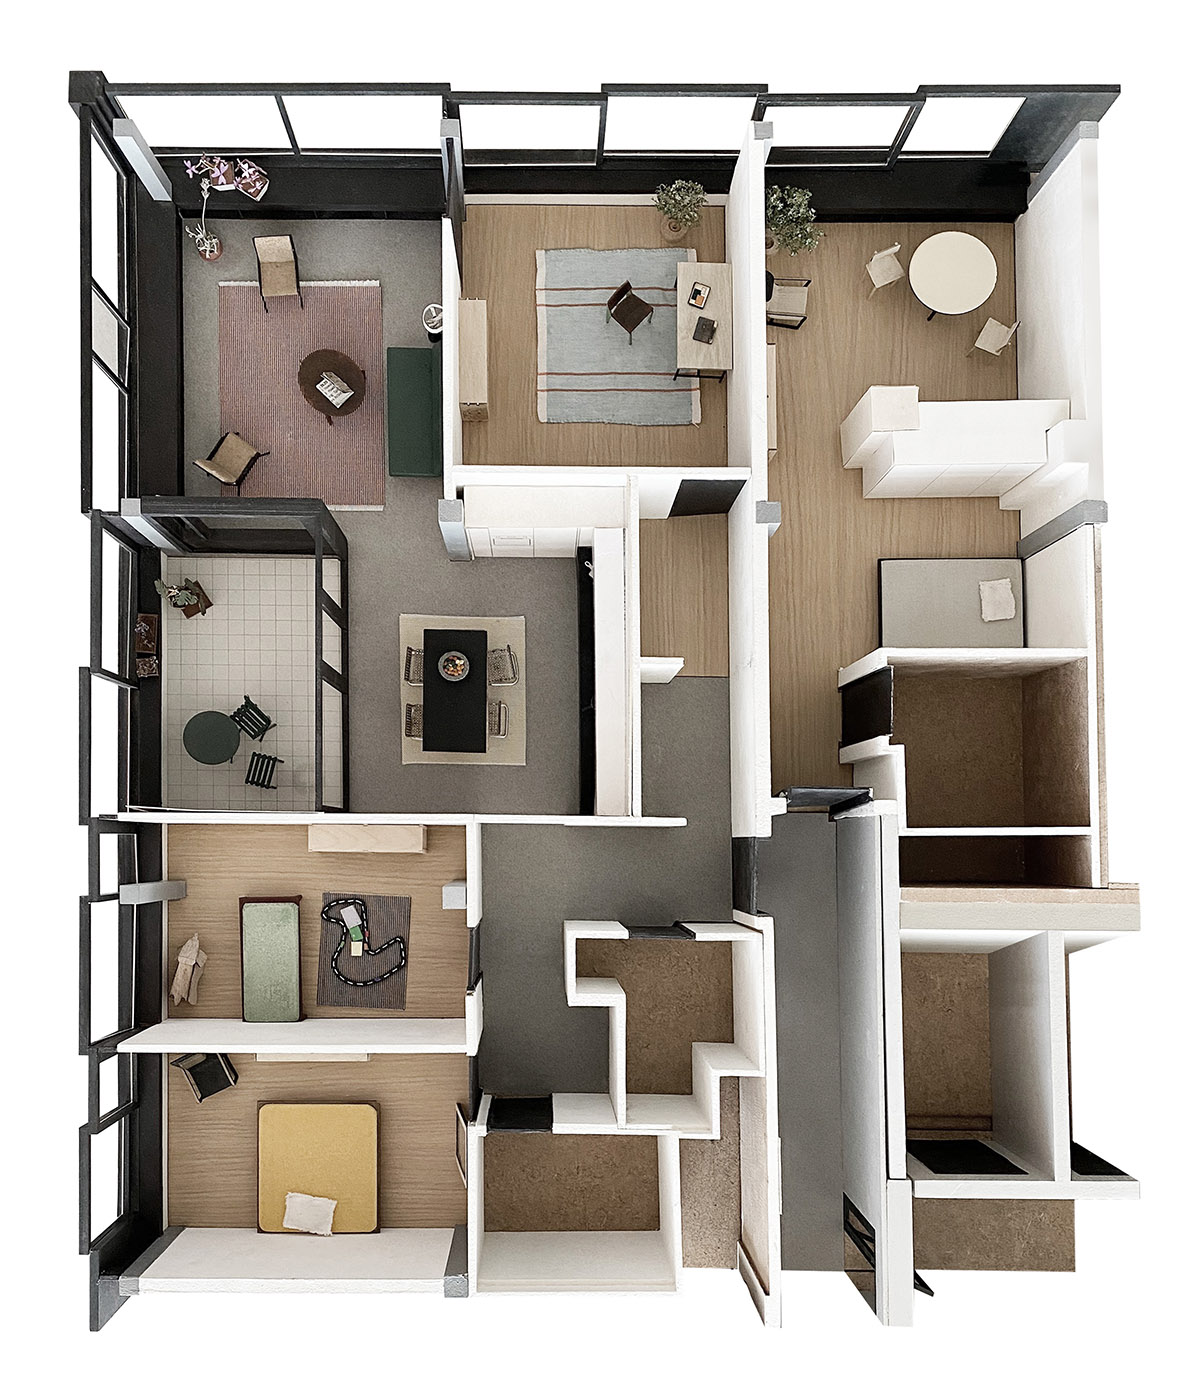 Modell Wohnung